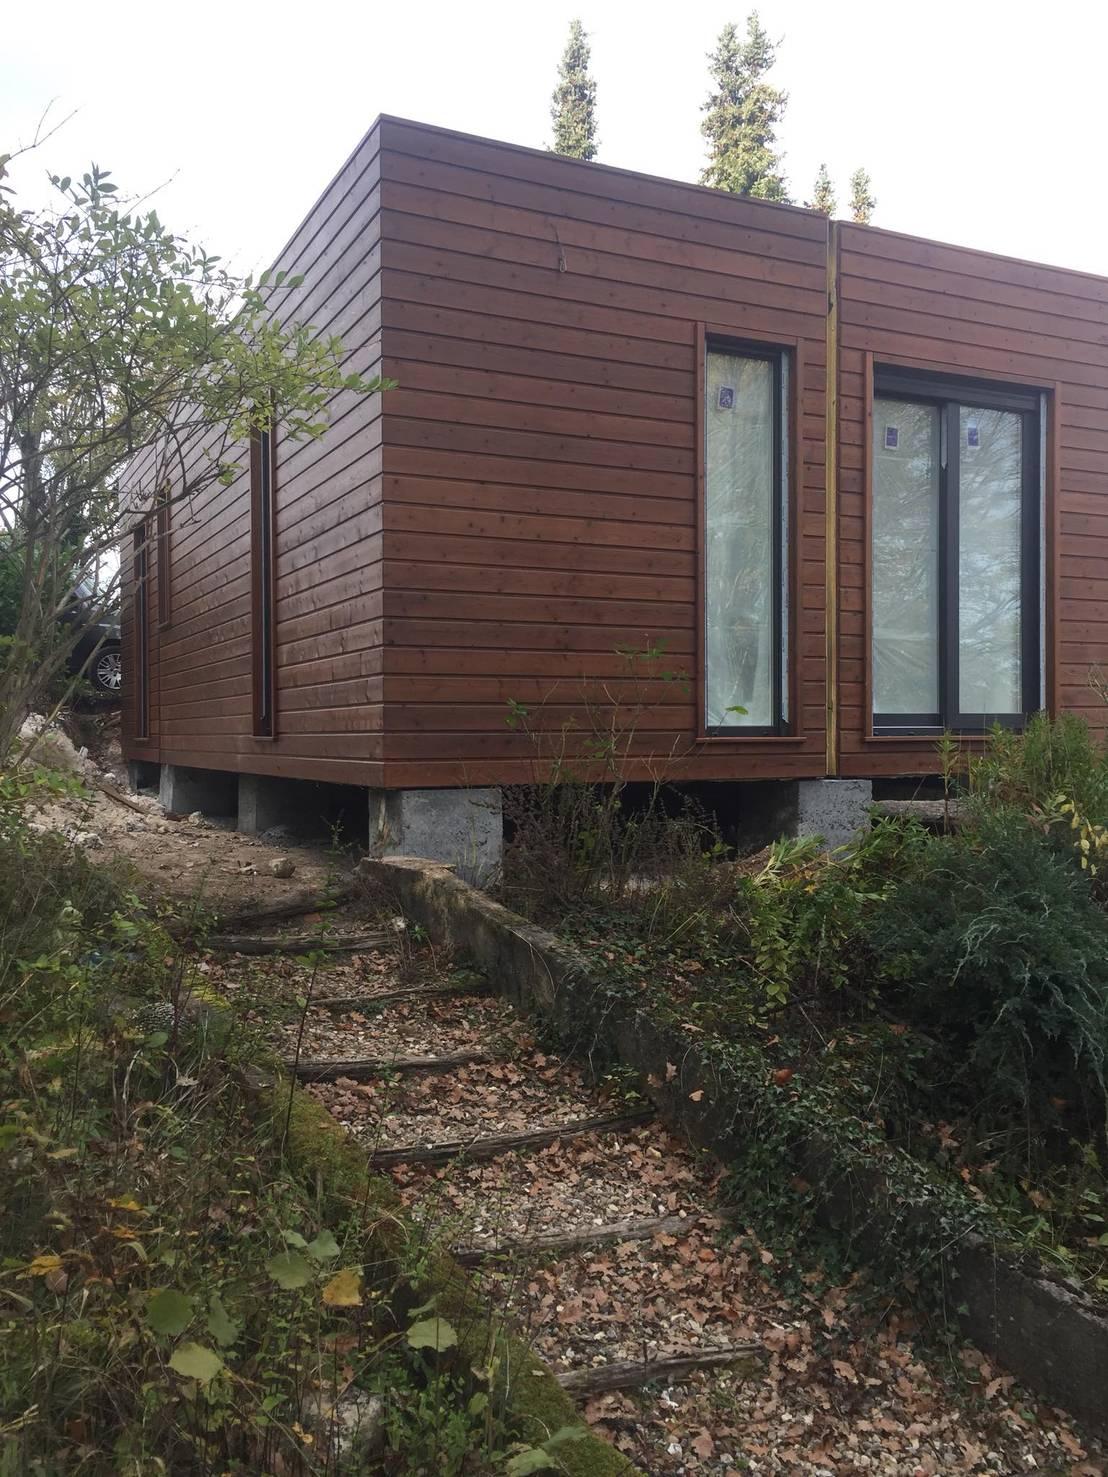 Casa fran a 105m2 por jgds epa casas modulares homify - Ihome casas modulares ...